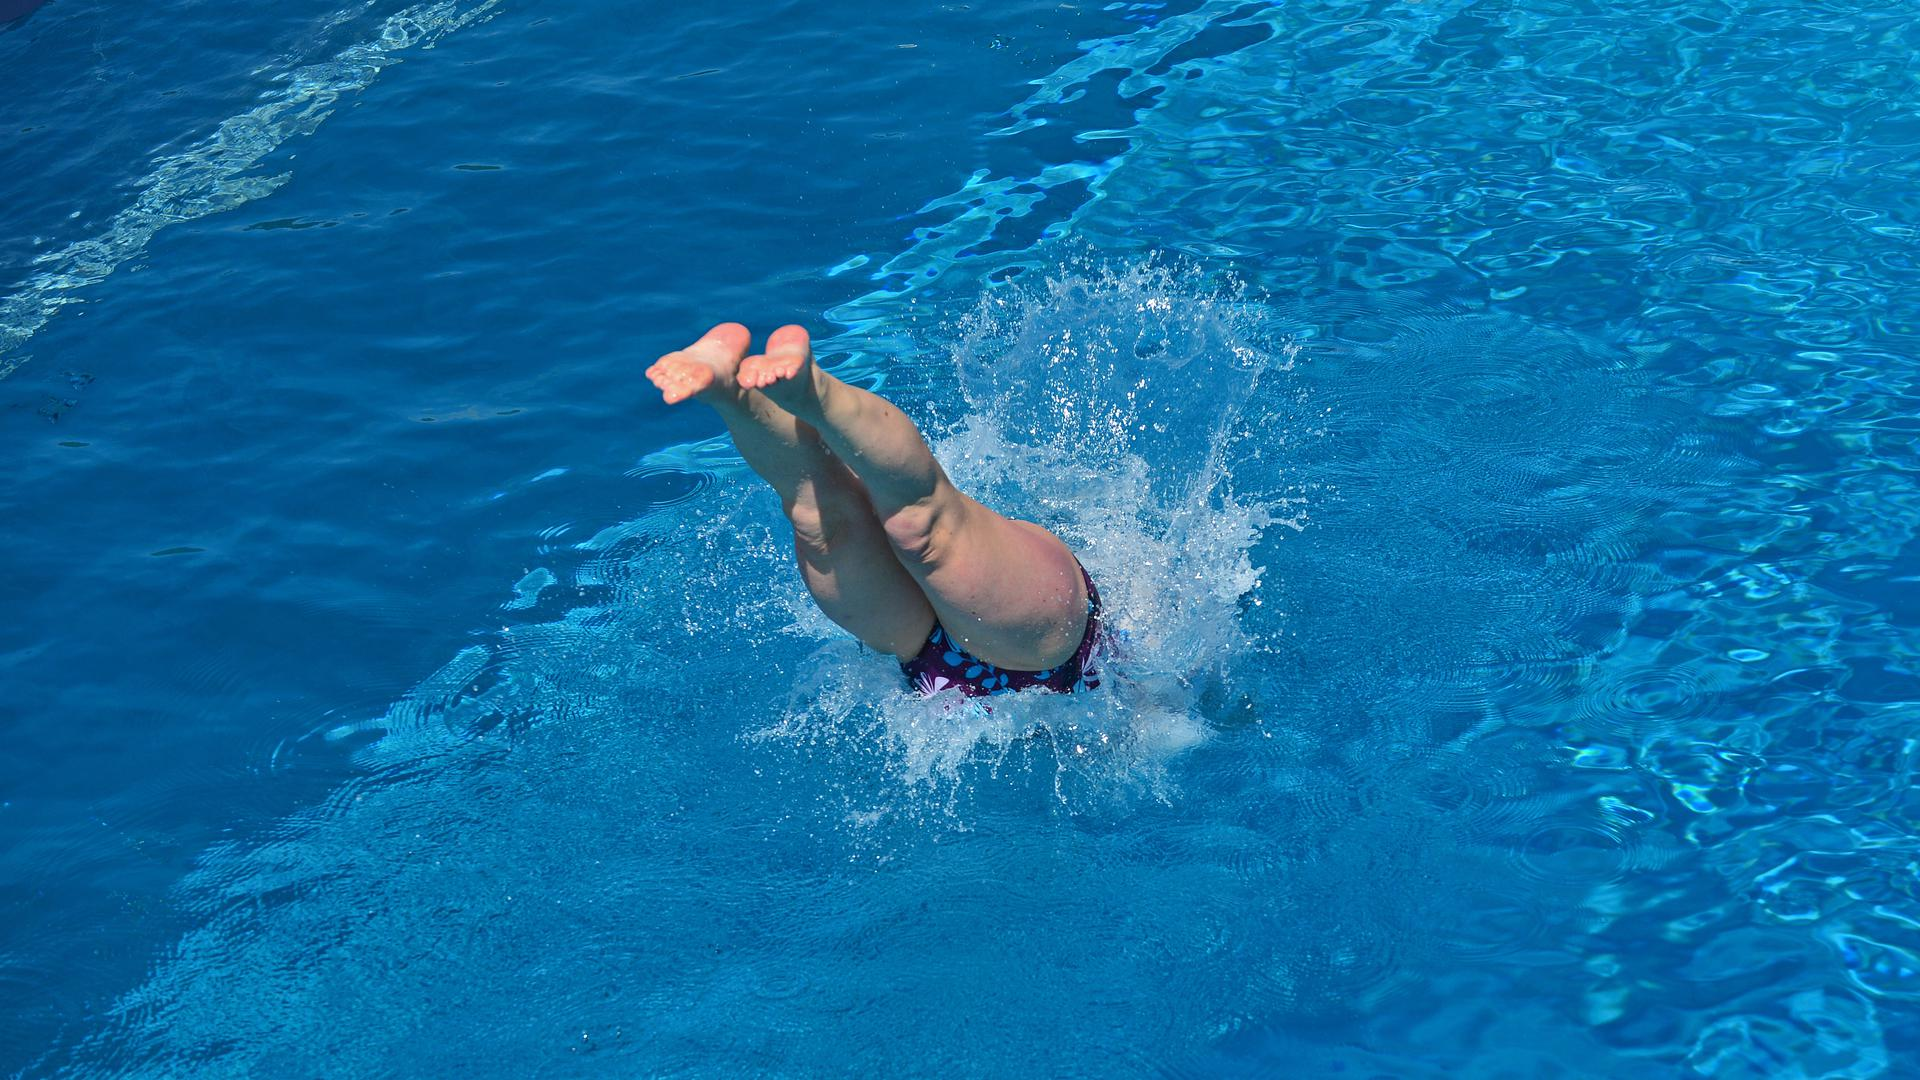 Eine Frau springt in einem Freibad ins Wasser.